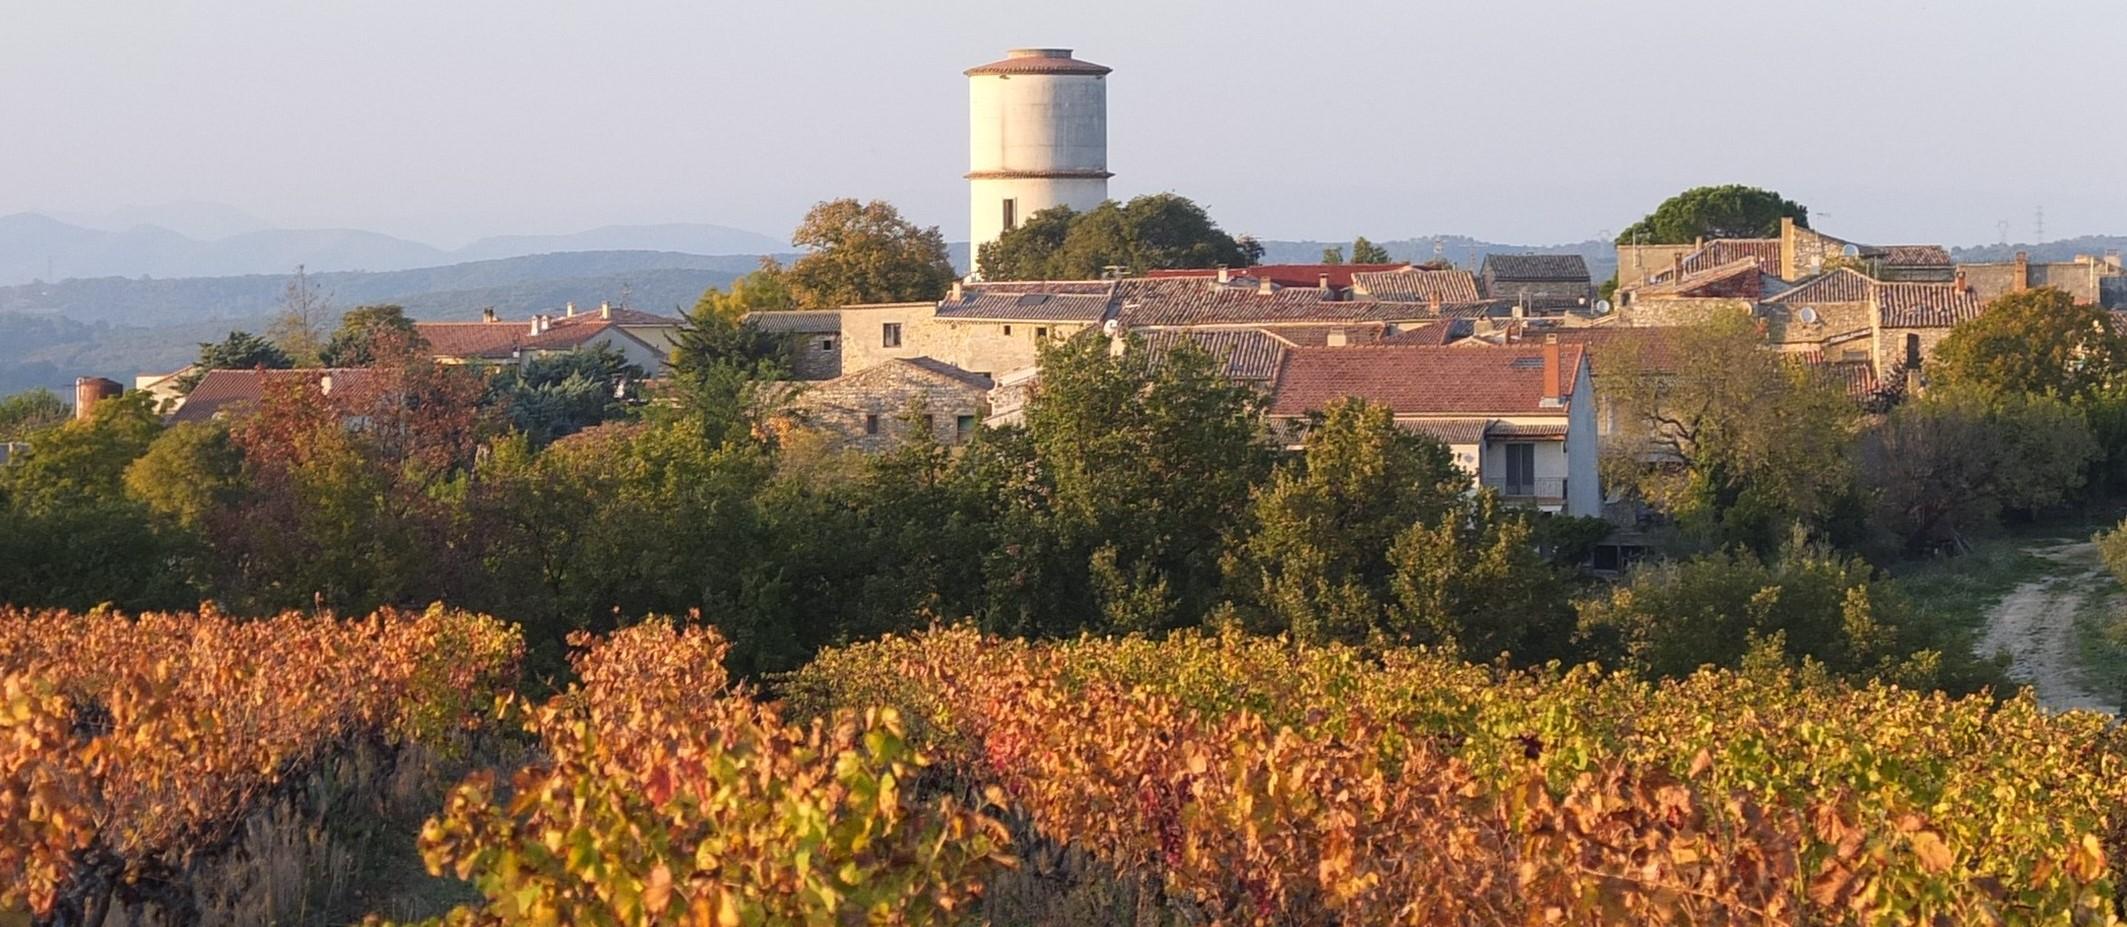 Village vue générale